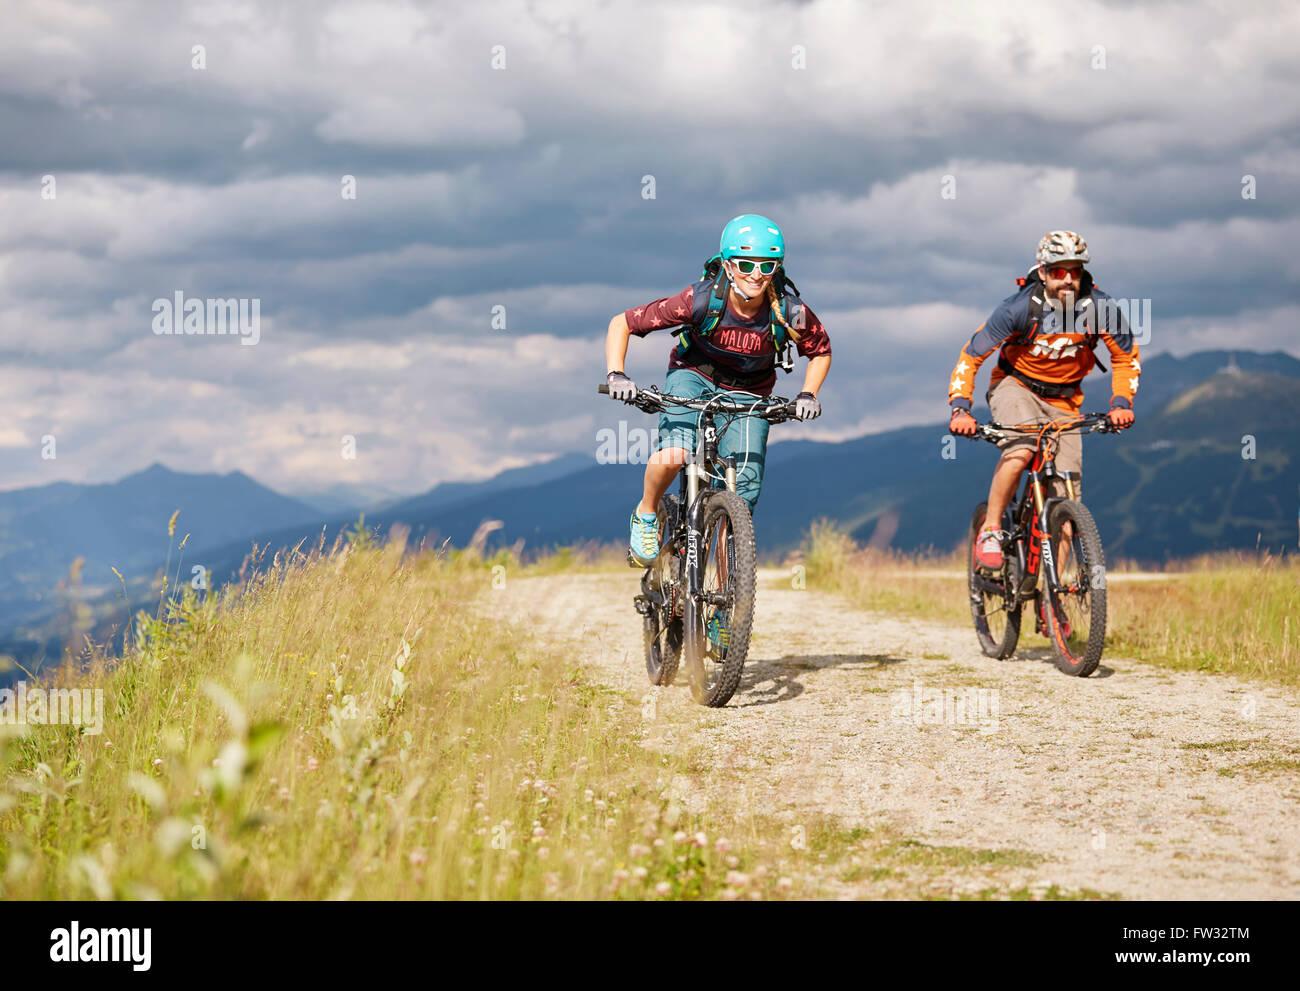 Two mountain bikers with helmets riding on gravel roads, Mutterer Alm near Innsbruck, Patscherkofel, Tyrol, Austria - Stock Image